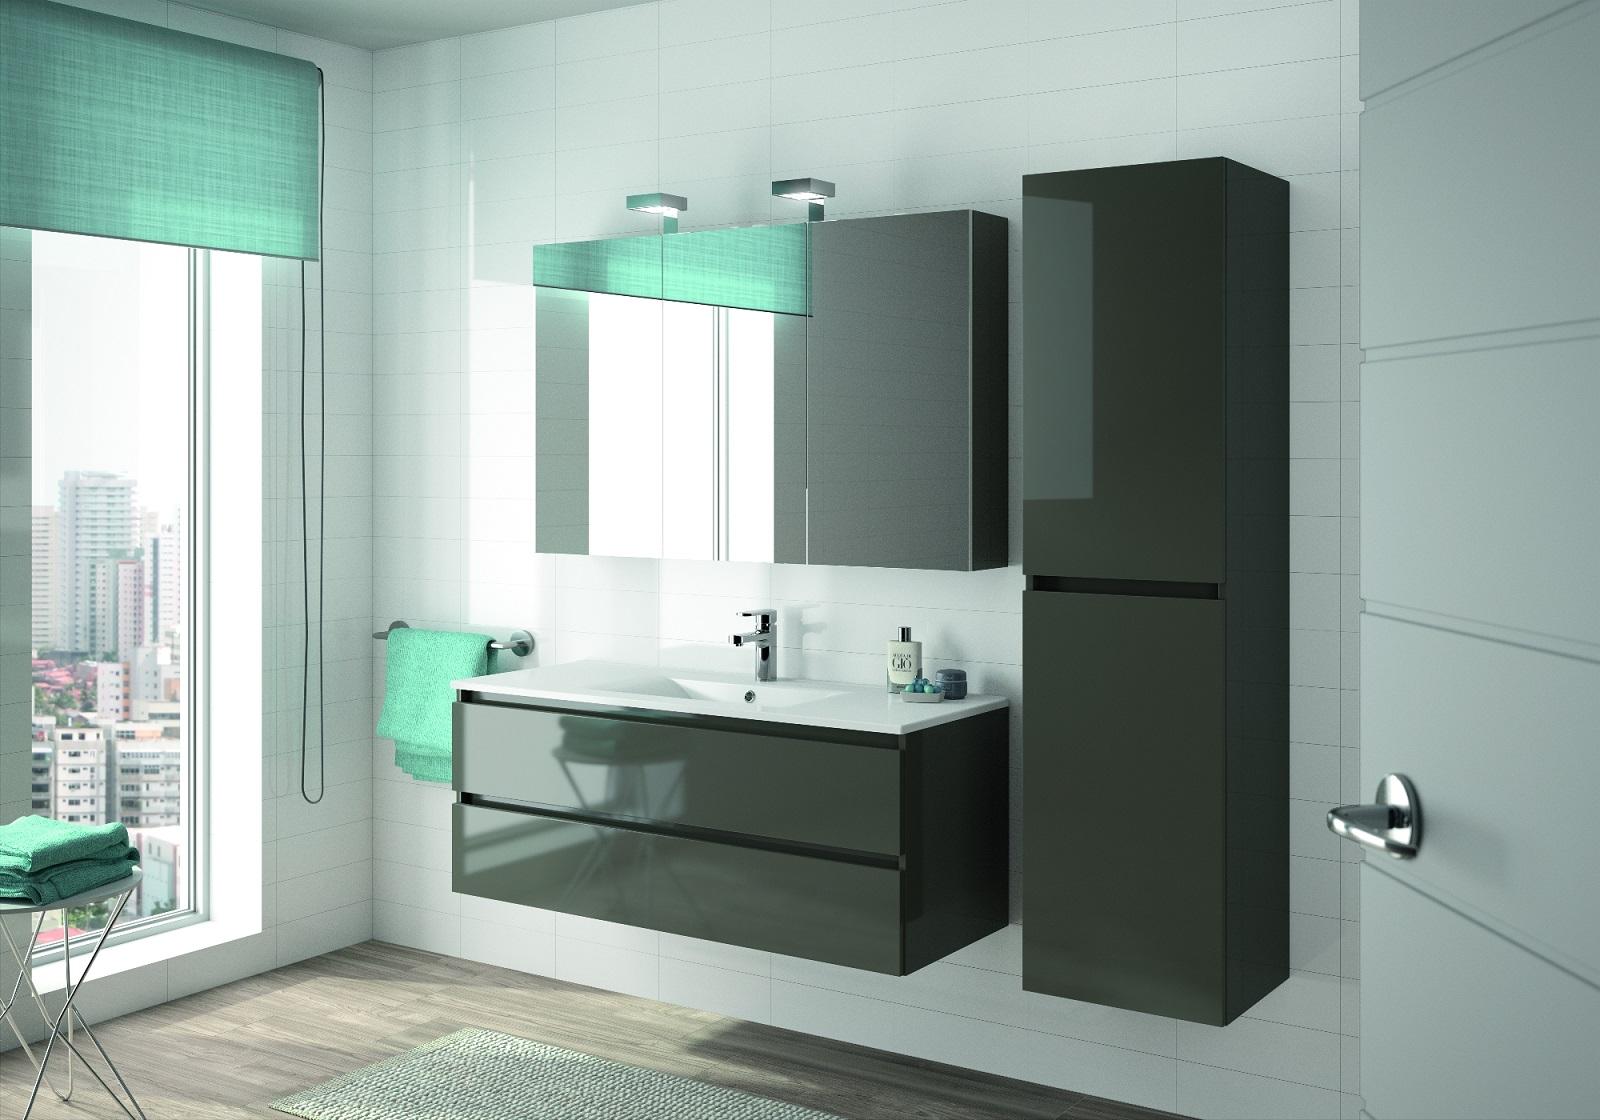 ALLIBERT Badmöbel-Set Badmöbel vormontiert grau Glanz Spiegel Waschtisch 120 cm